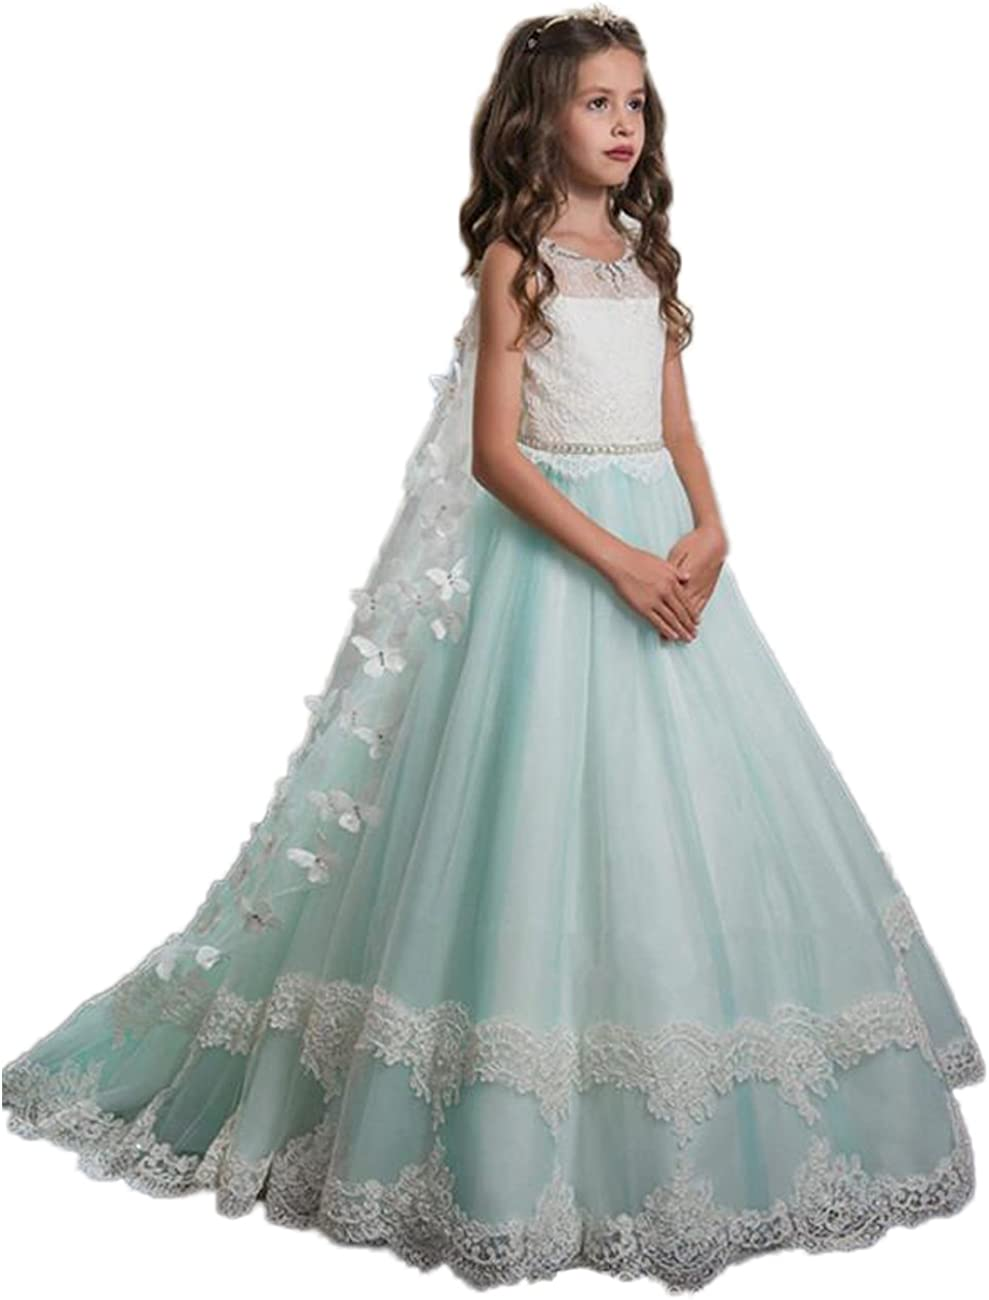 CoCogirls CoCogirls Blumenmädchen Kleider Juwel Prinzessin Mädchen